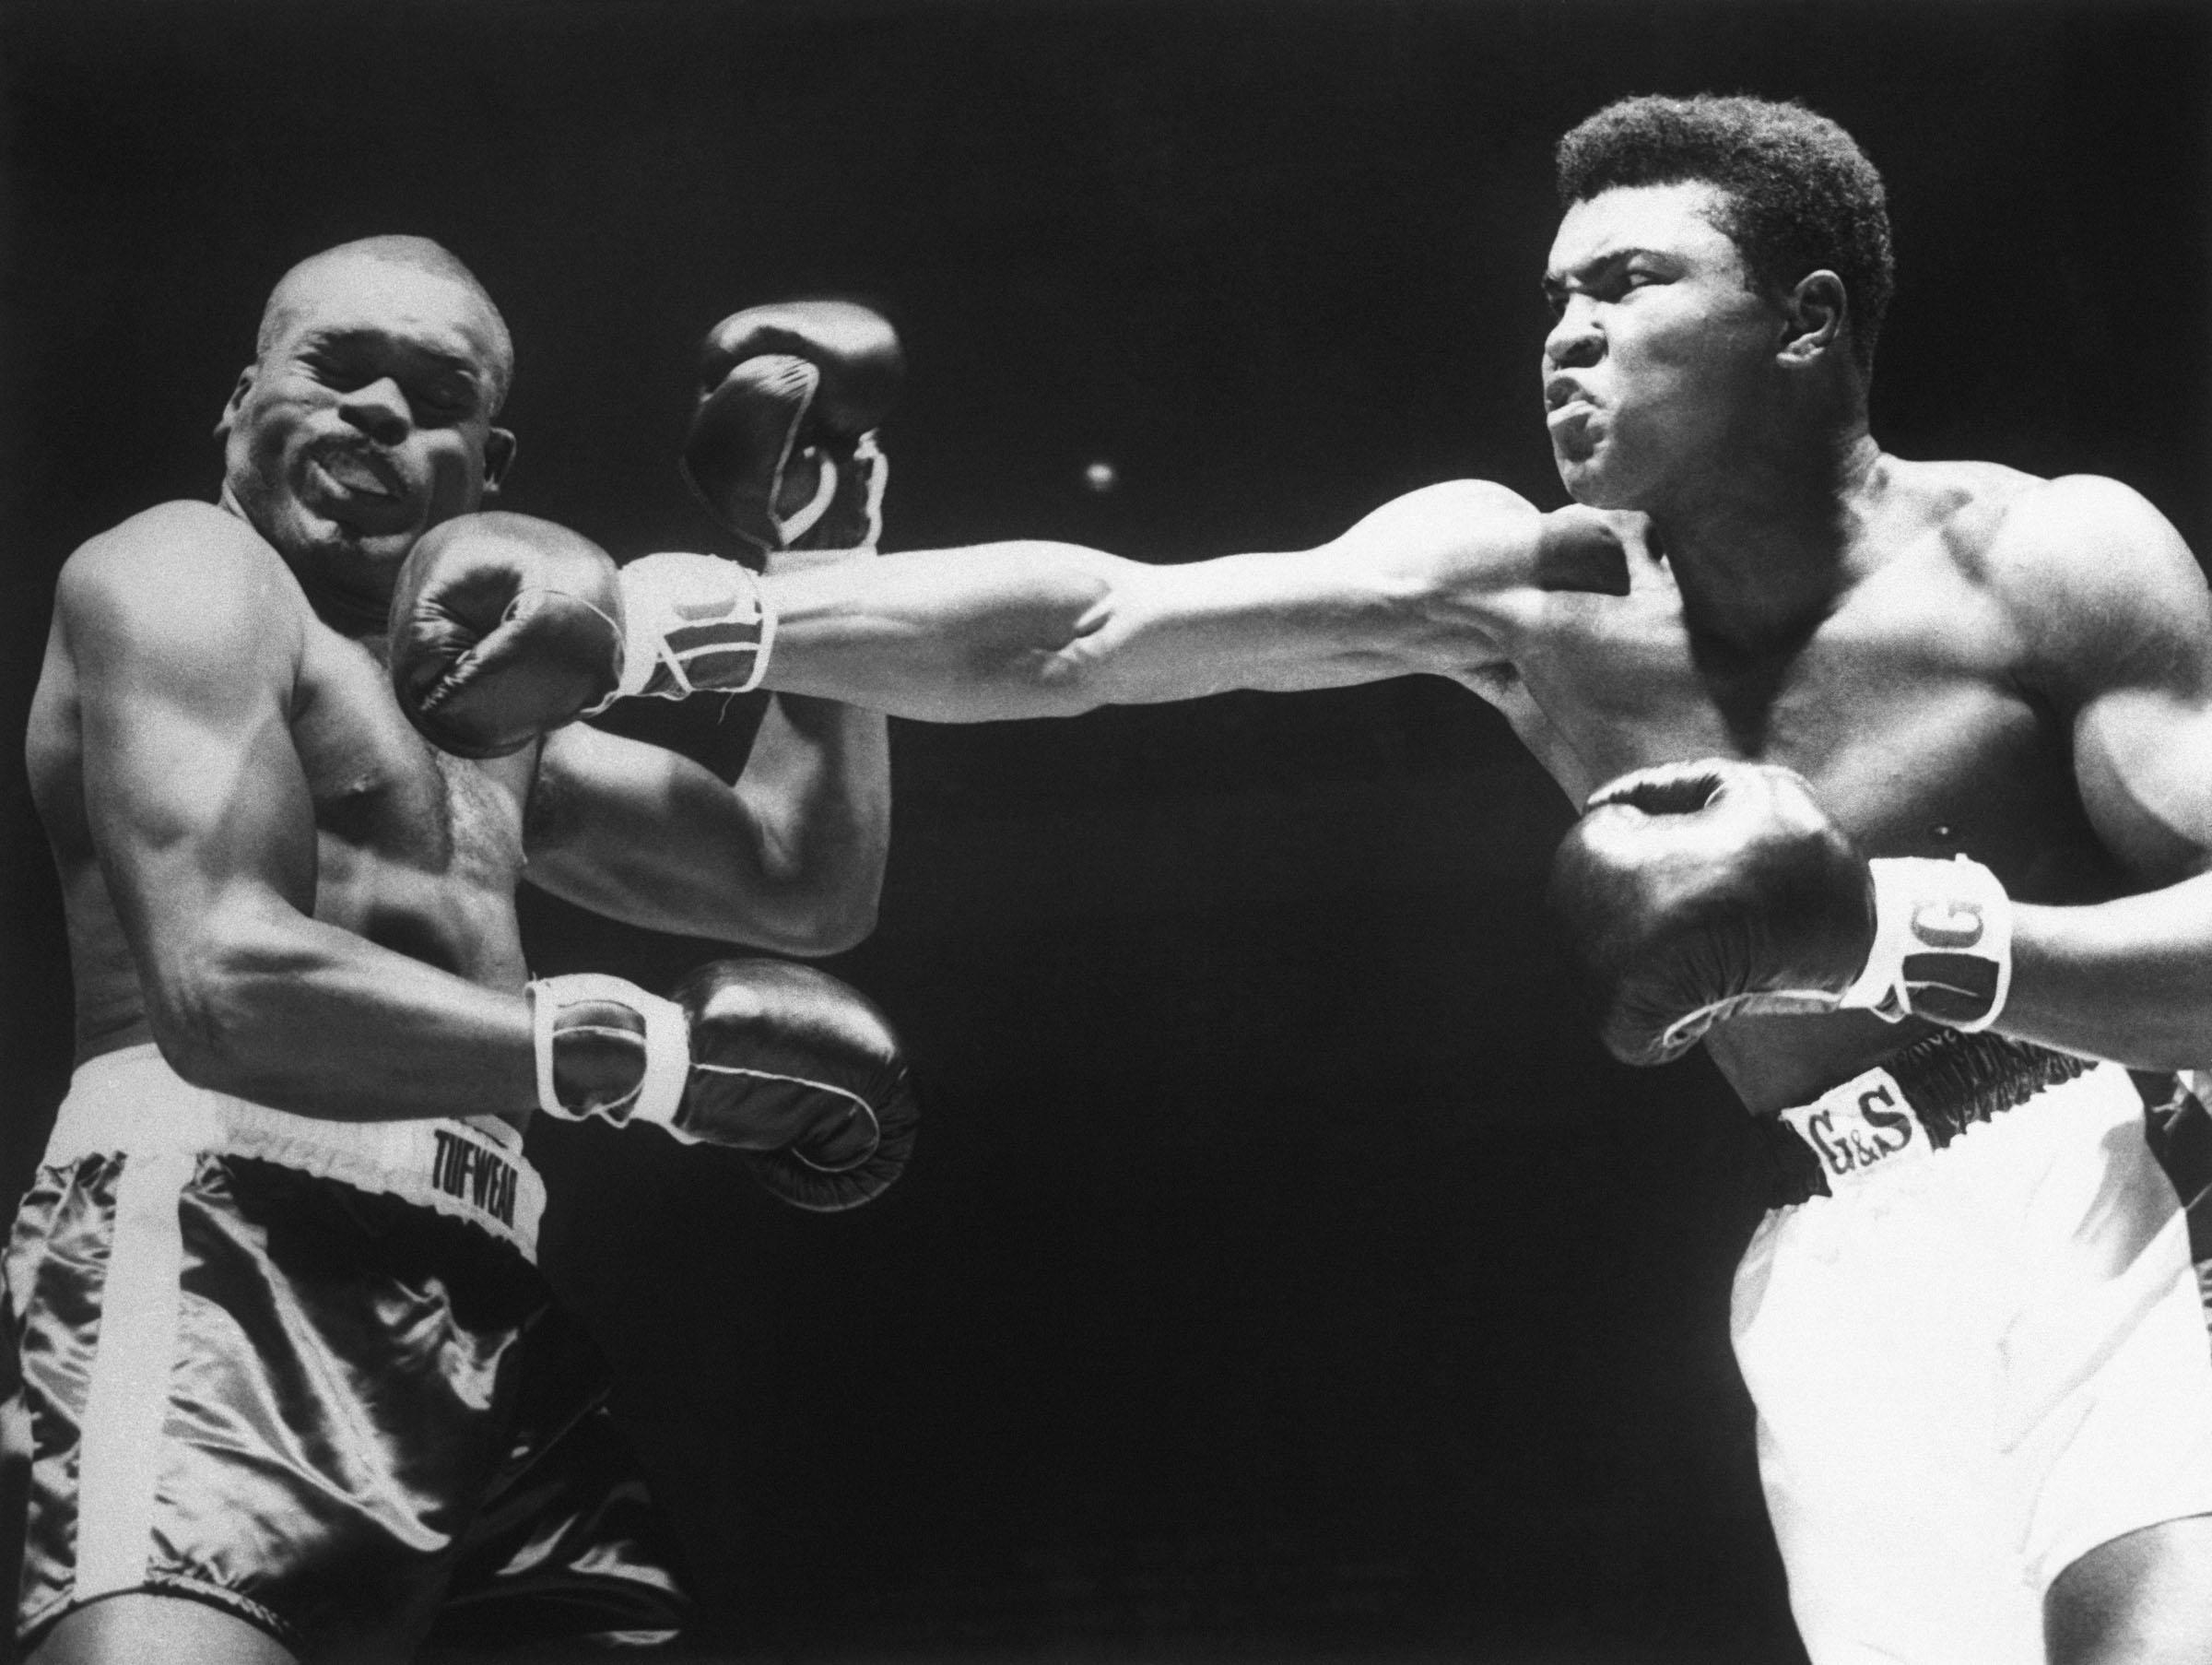 Napoli rende omaggio a Muhammad Ali, una delle icone sportive più famose e celebrate del XX secolo, con una mostra in programma dal 22 marzo al 16 giugno 2019, al [...]